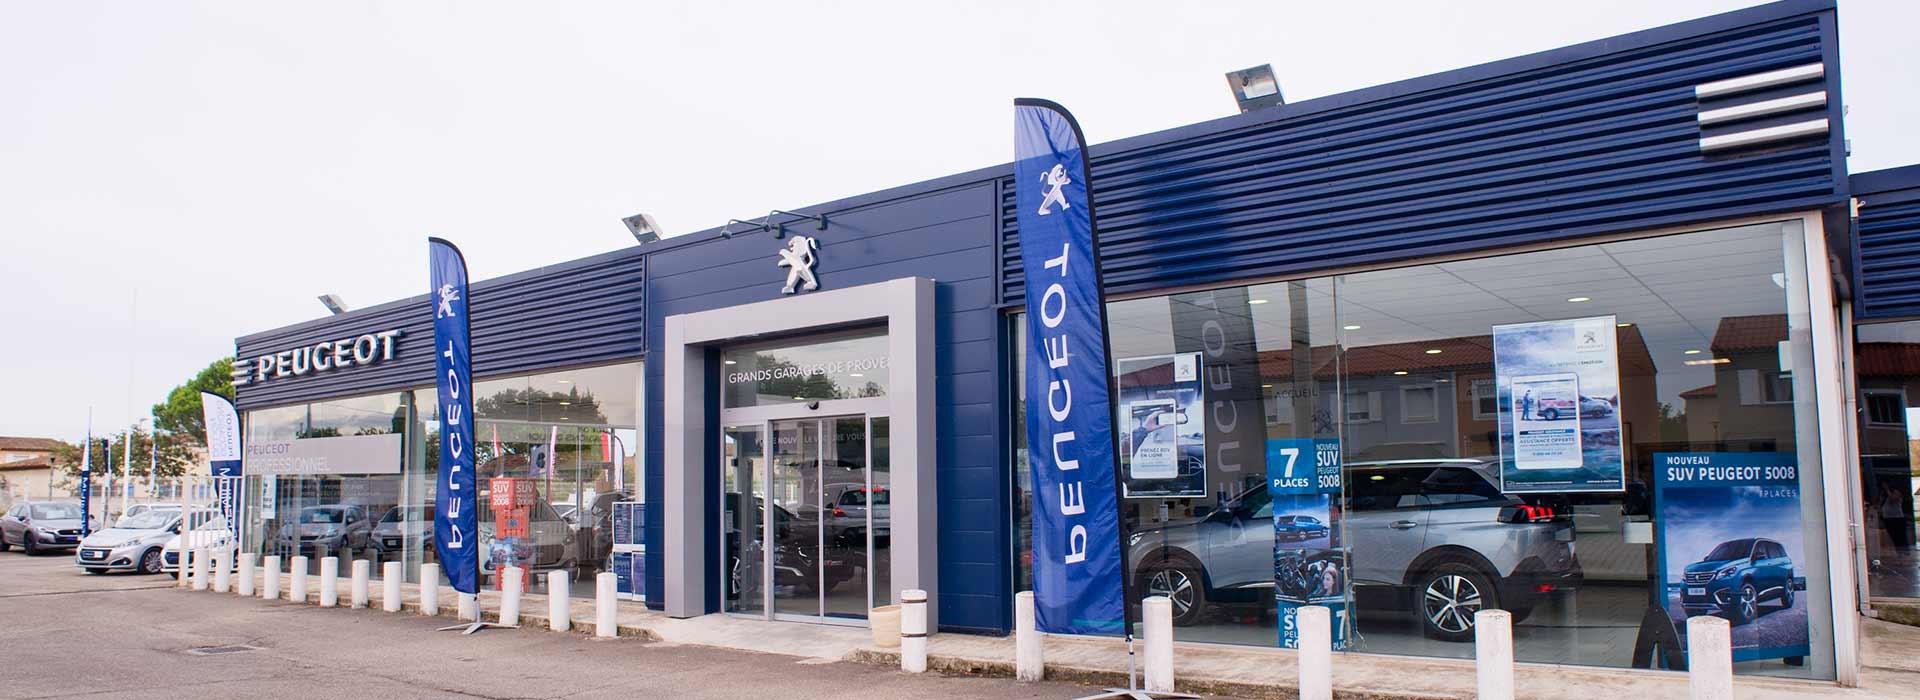 Peugeot salon de provence concessionnaire garage for Garage peugeot istres